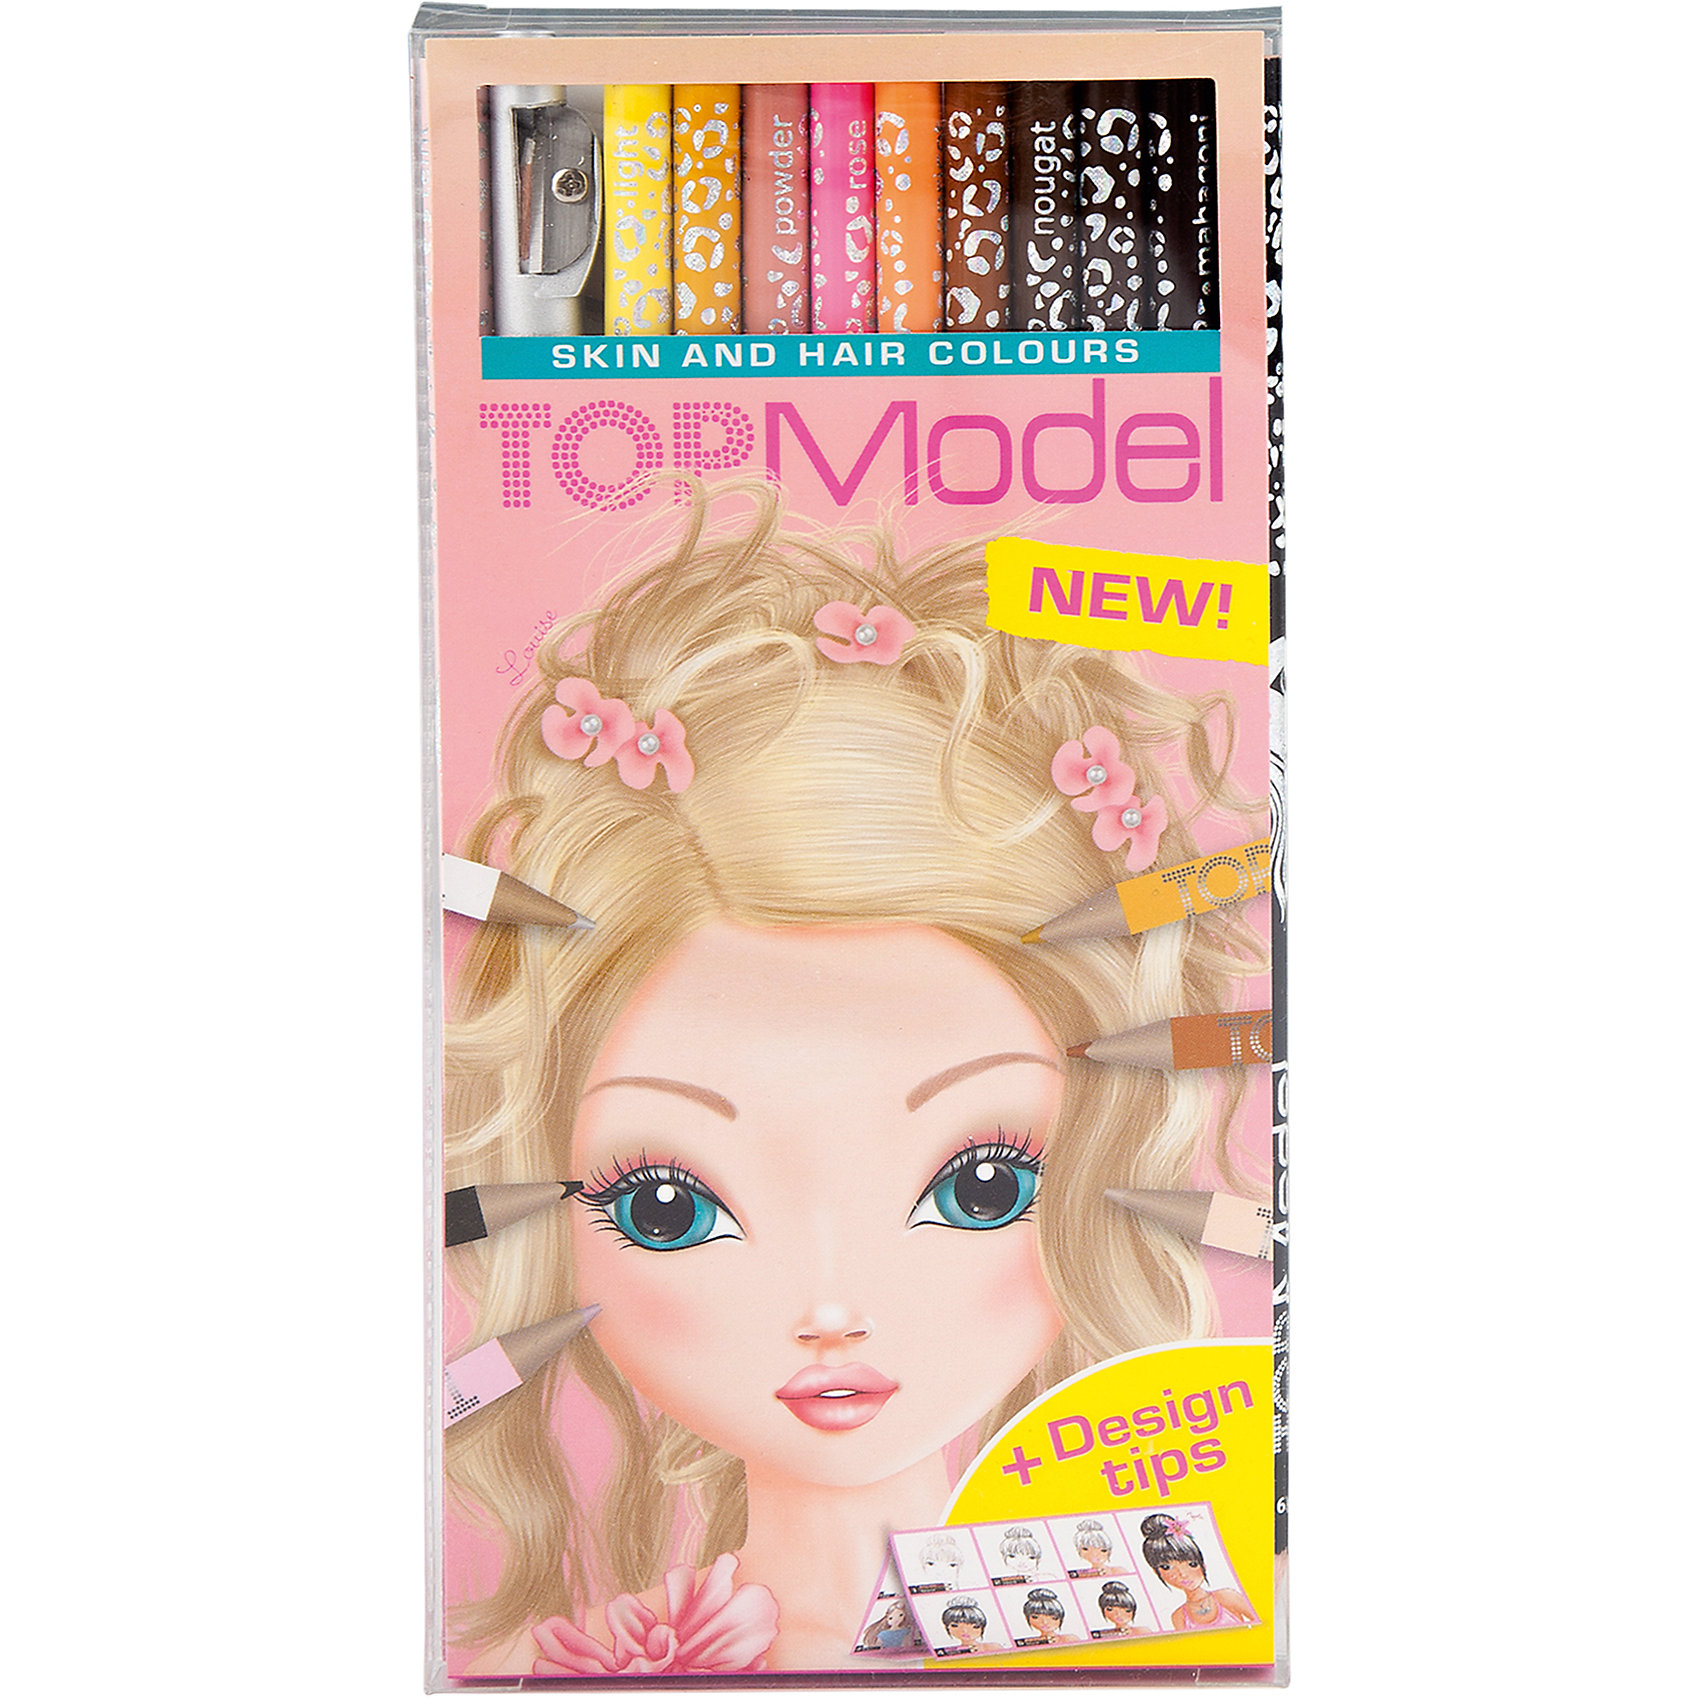 Набор цветных карандашей Skin and Hair, TOPModelРисование<br>Набор цветных карандашей Skin and Hair, TOPModel<br><br>Характеристики:<br><br>• В комплекте: карандаши, точилка<br>• Цветов: 10<br>• Размер: 18х9 см<br><br>Этот уникальный набор карандашей из серии TOPModel позволит вашему ребенку аккуратно и натурально нарисовать волосы моделей, шерсть животных, а так же раскрашивать кожу, делая ее естественной. Рисунки получаются живыми и натуральными, так как цвета подобранны дизайнерами. В комплекте идет 12 карандашей, точилка и вложение от профессиональных художников с подсказками.<br><br>Набор цветных карандашей Skin and Hair, TOPModel можно купить в нашем интернет-магазине.<br><br>Ширина мм: 10<br>Глубина мм: 90<br>Высота мм: 180<br>Вес г: 82<br>Возраст от месяцев: 60<br>Возраст до месяцев: 1164<br>Пол: Женский<br>Возраст: Детский<br>SKU: 2336125